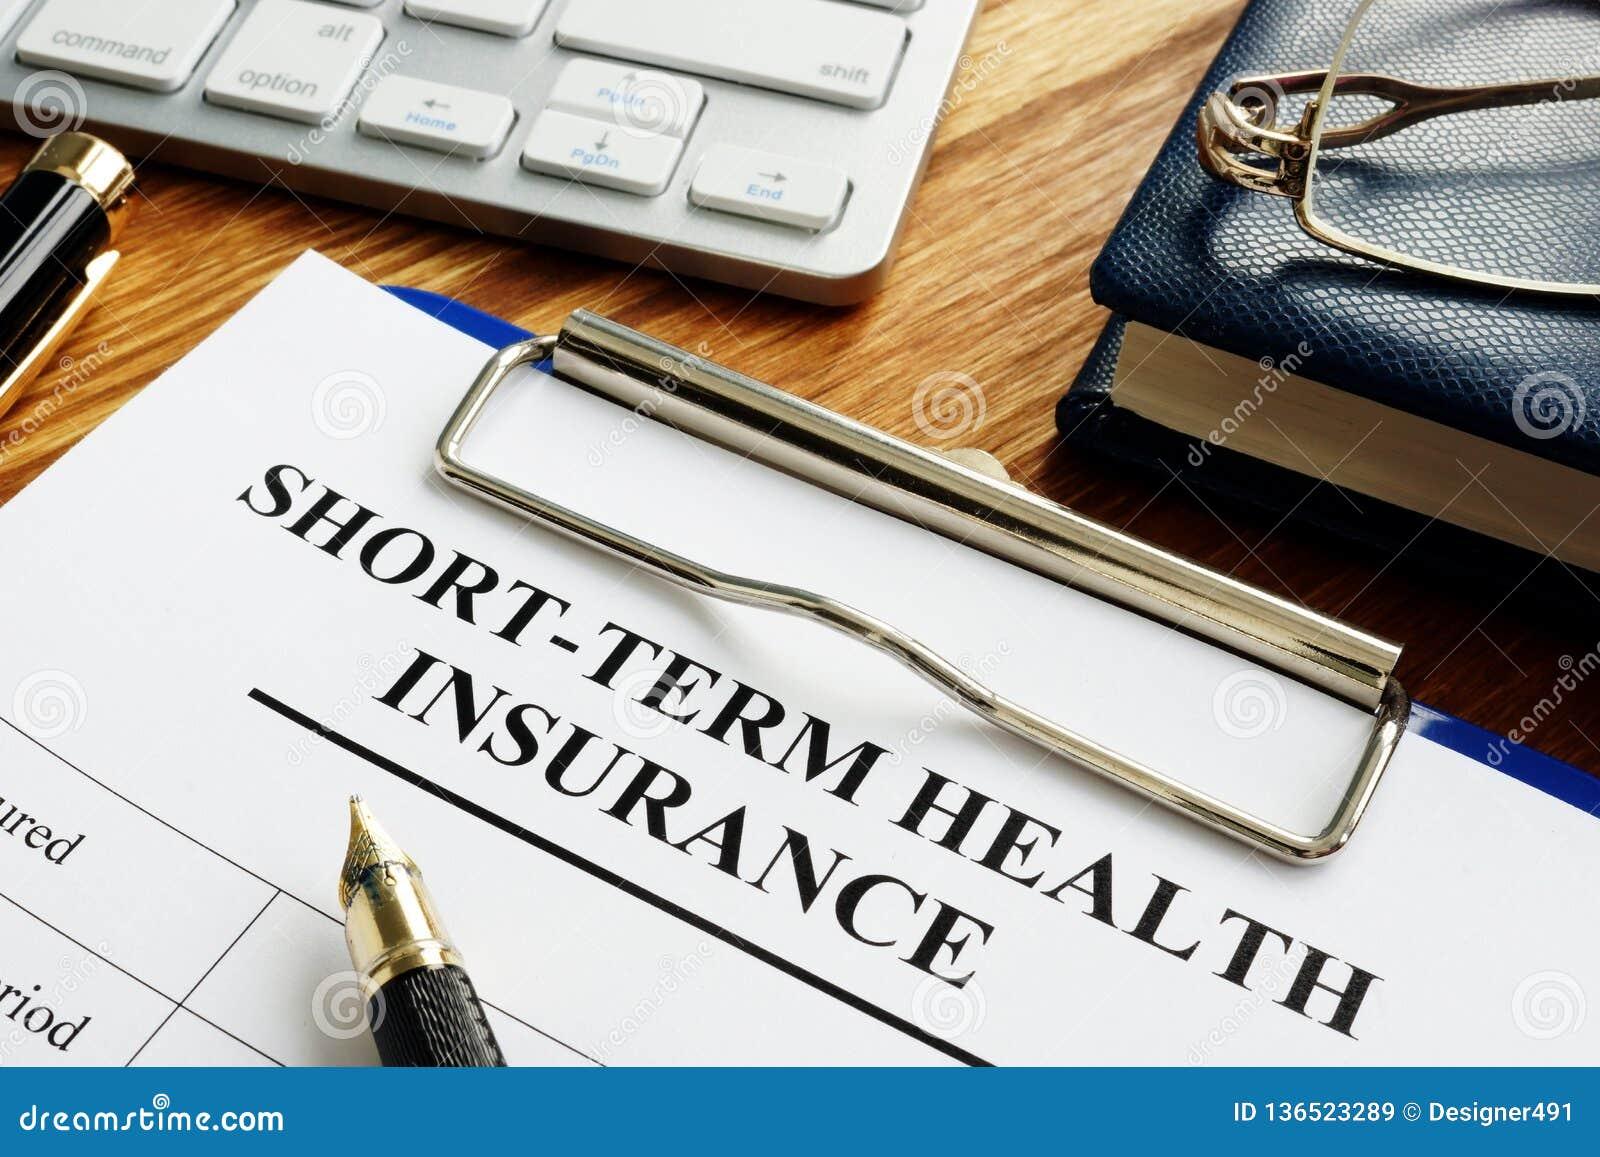 Seguro médico a corto plazo o STM médico a corto plazo